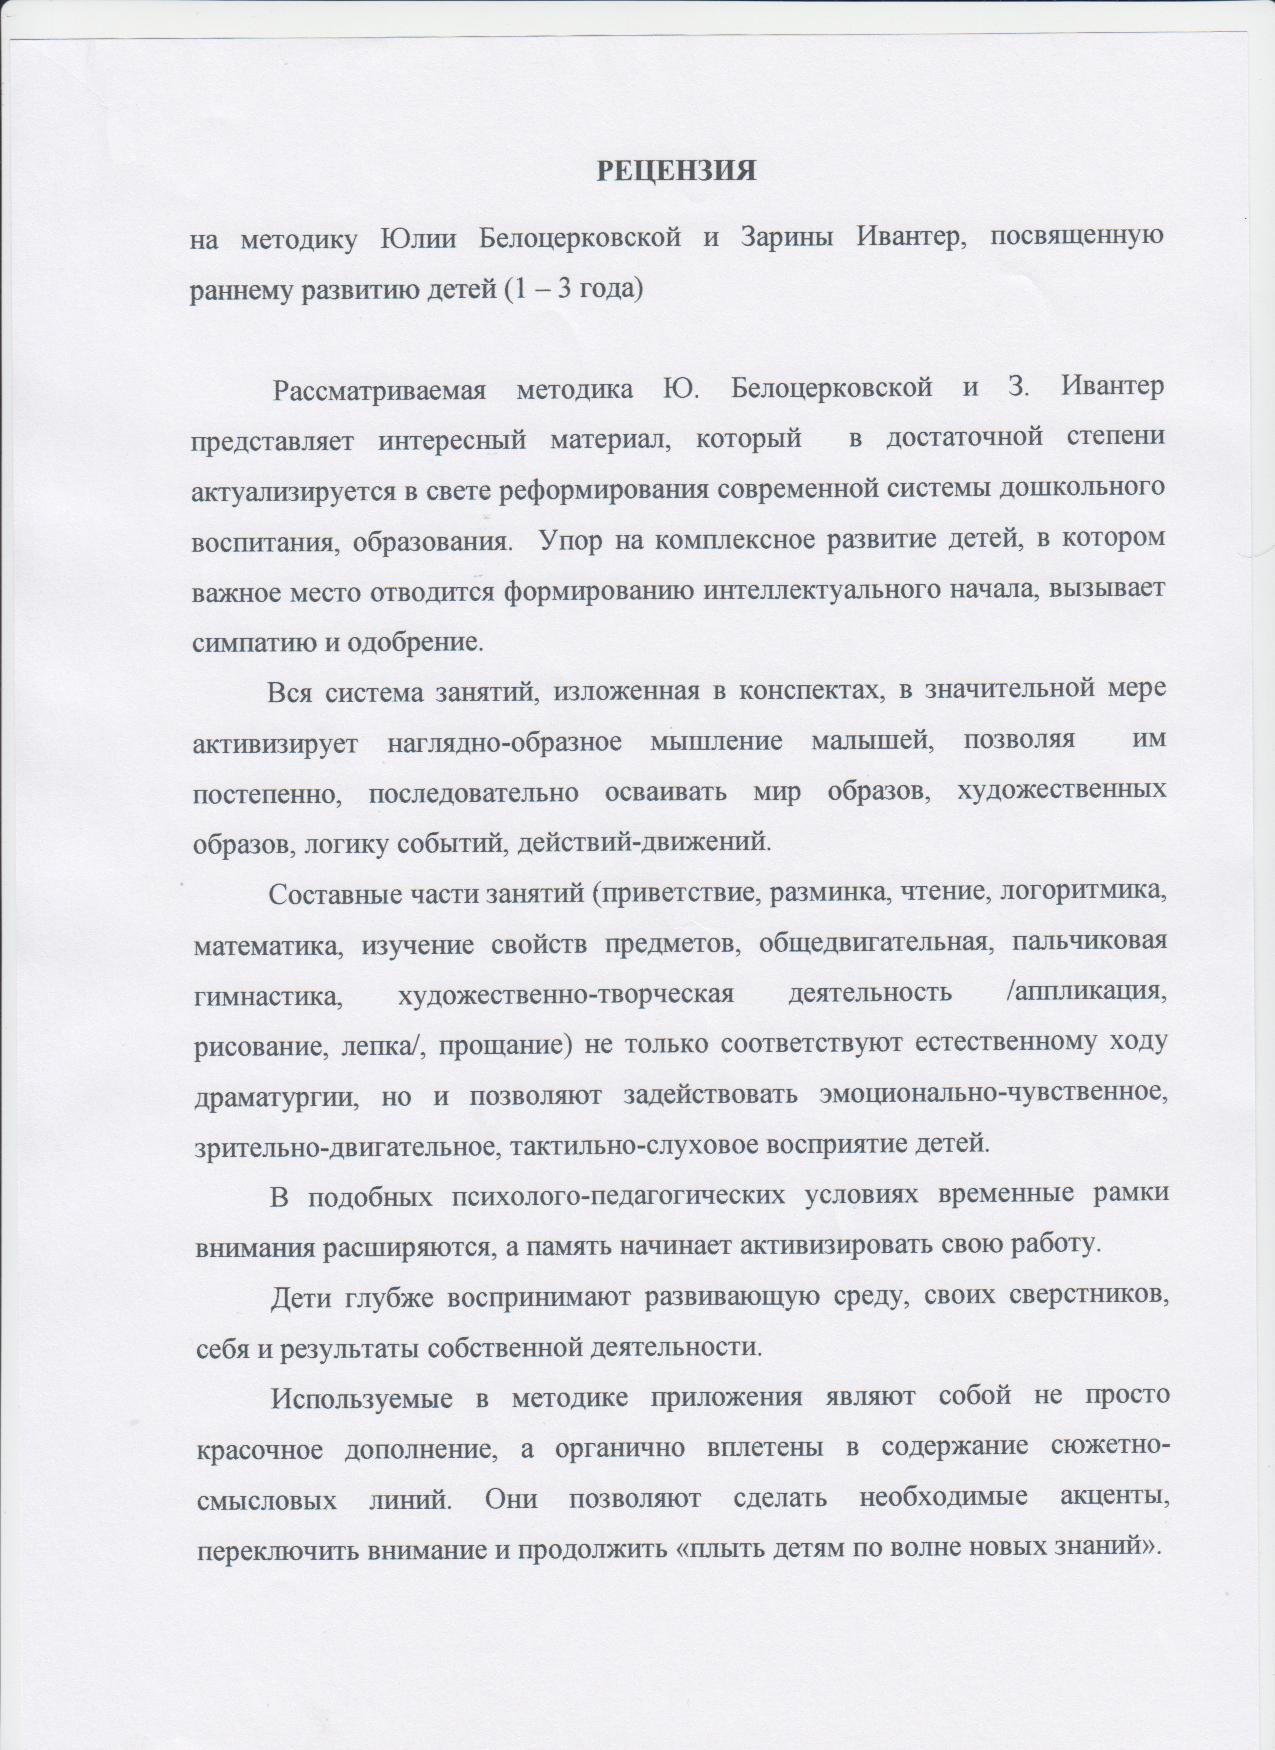 ЗАРИНА ИВАНТЕР КОНСПЕКТЫ ЗАНЯТИЙ 1 3 СКАЧАТЬ БЕСПЛАТНО